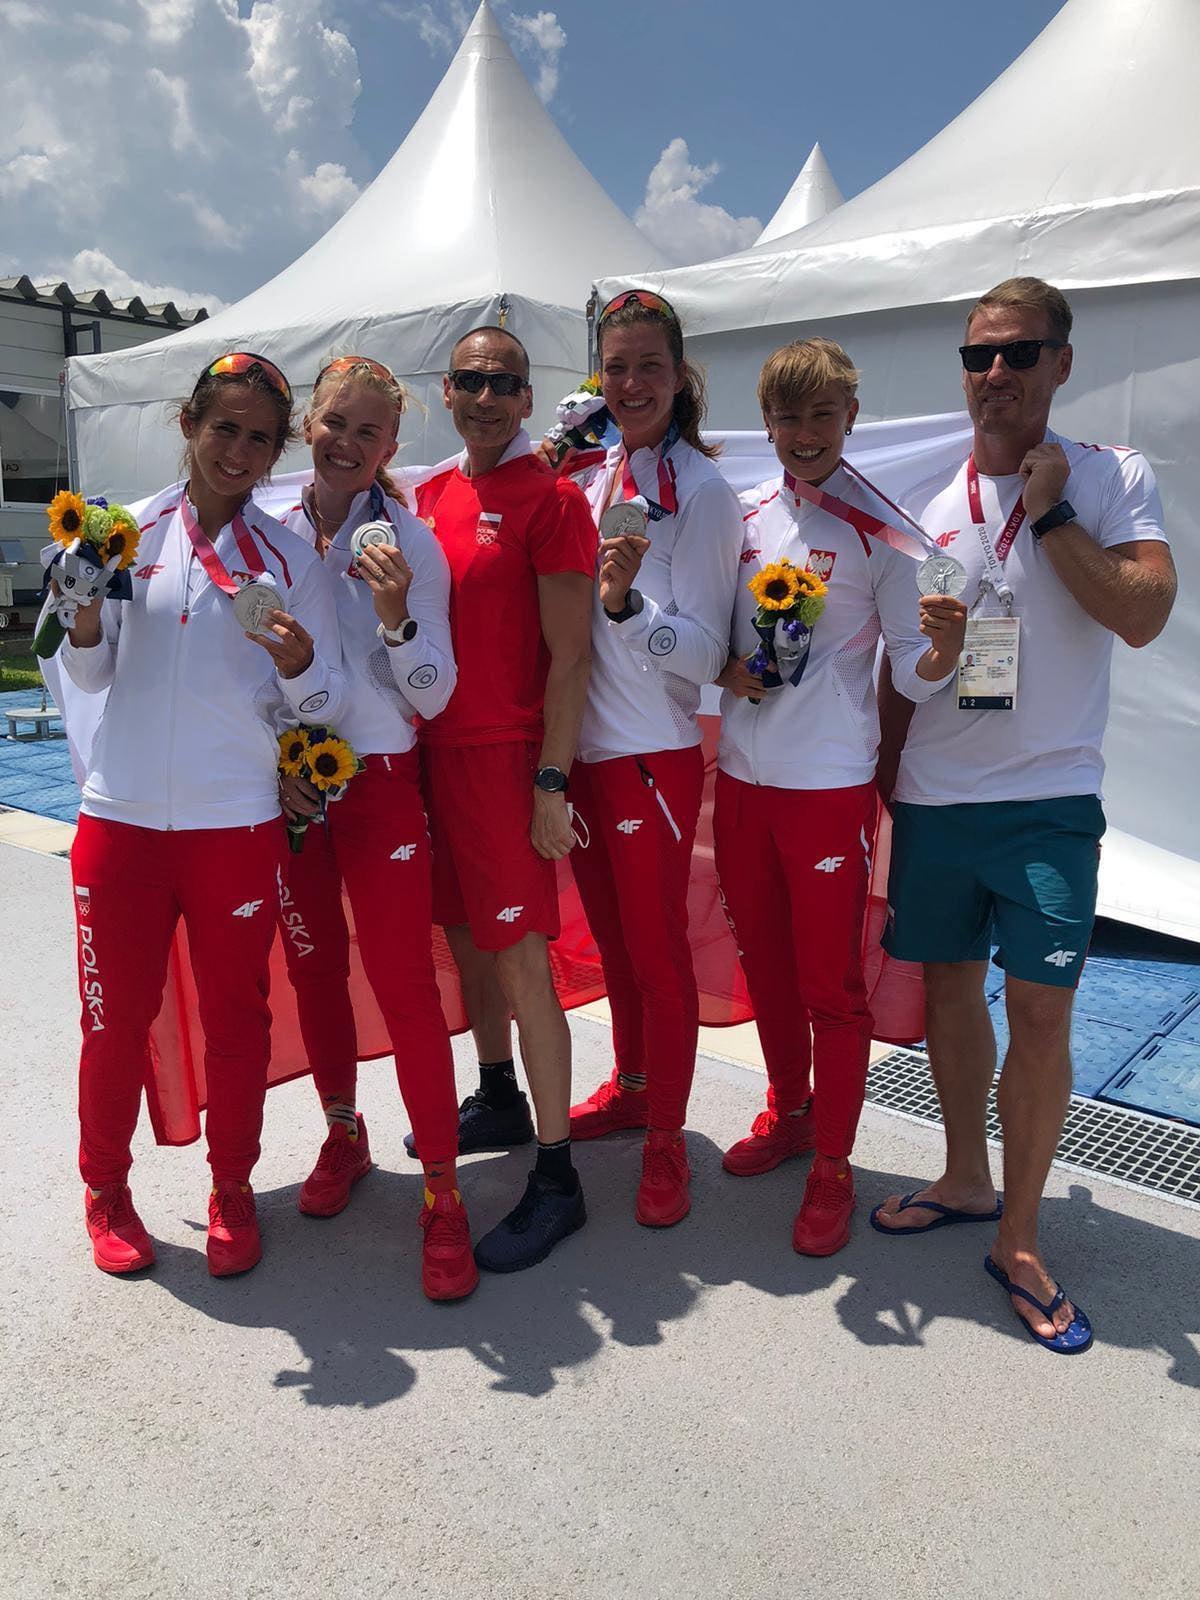 Ząbkowice Śl. Rafał Kuczera na Igrzyskach Olimpijskich w Tokio - Zdjęcie główne